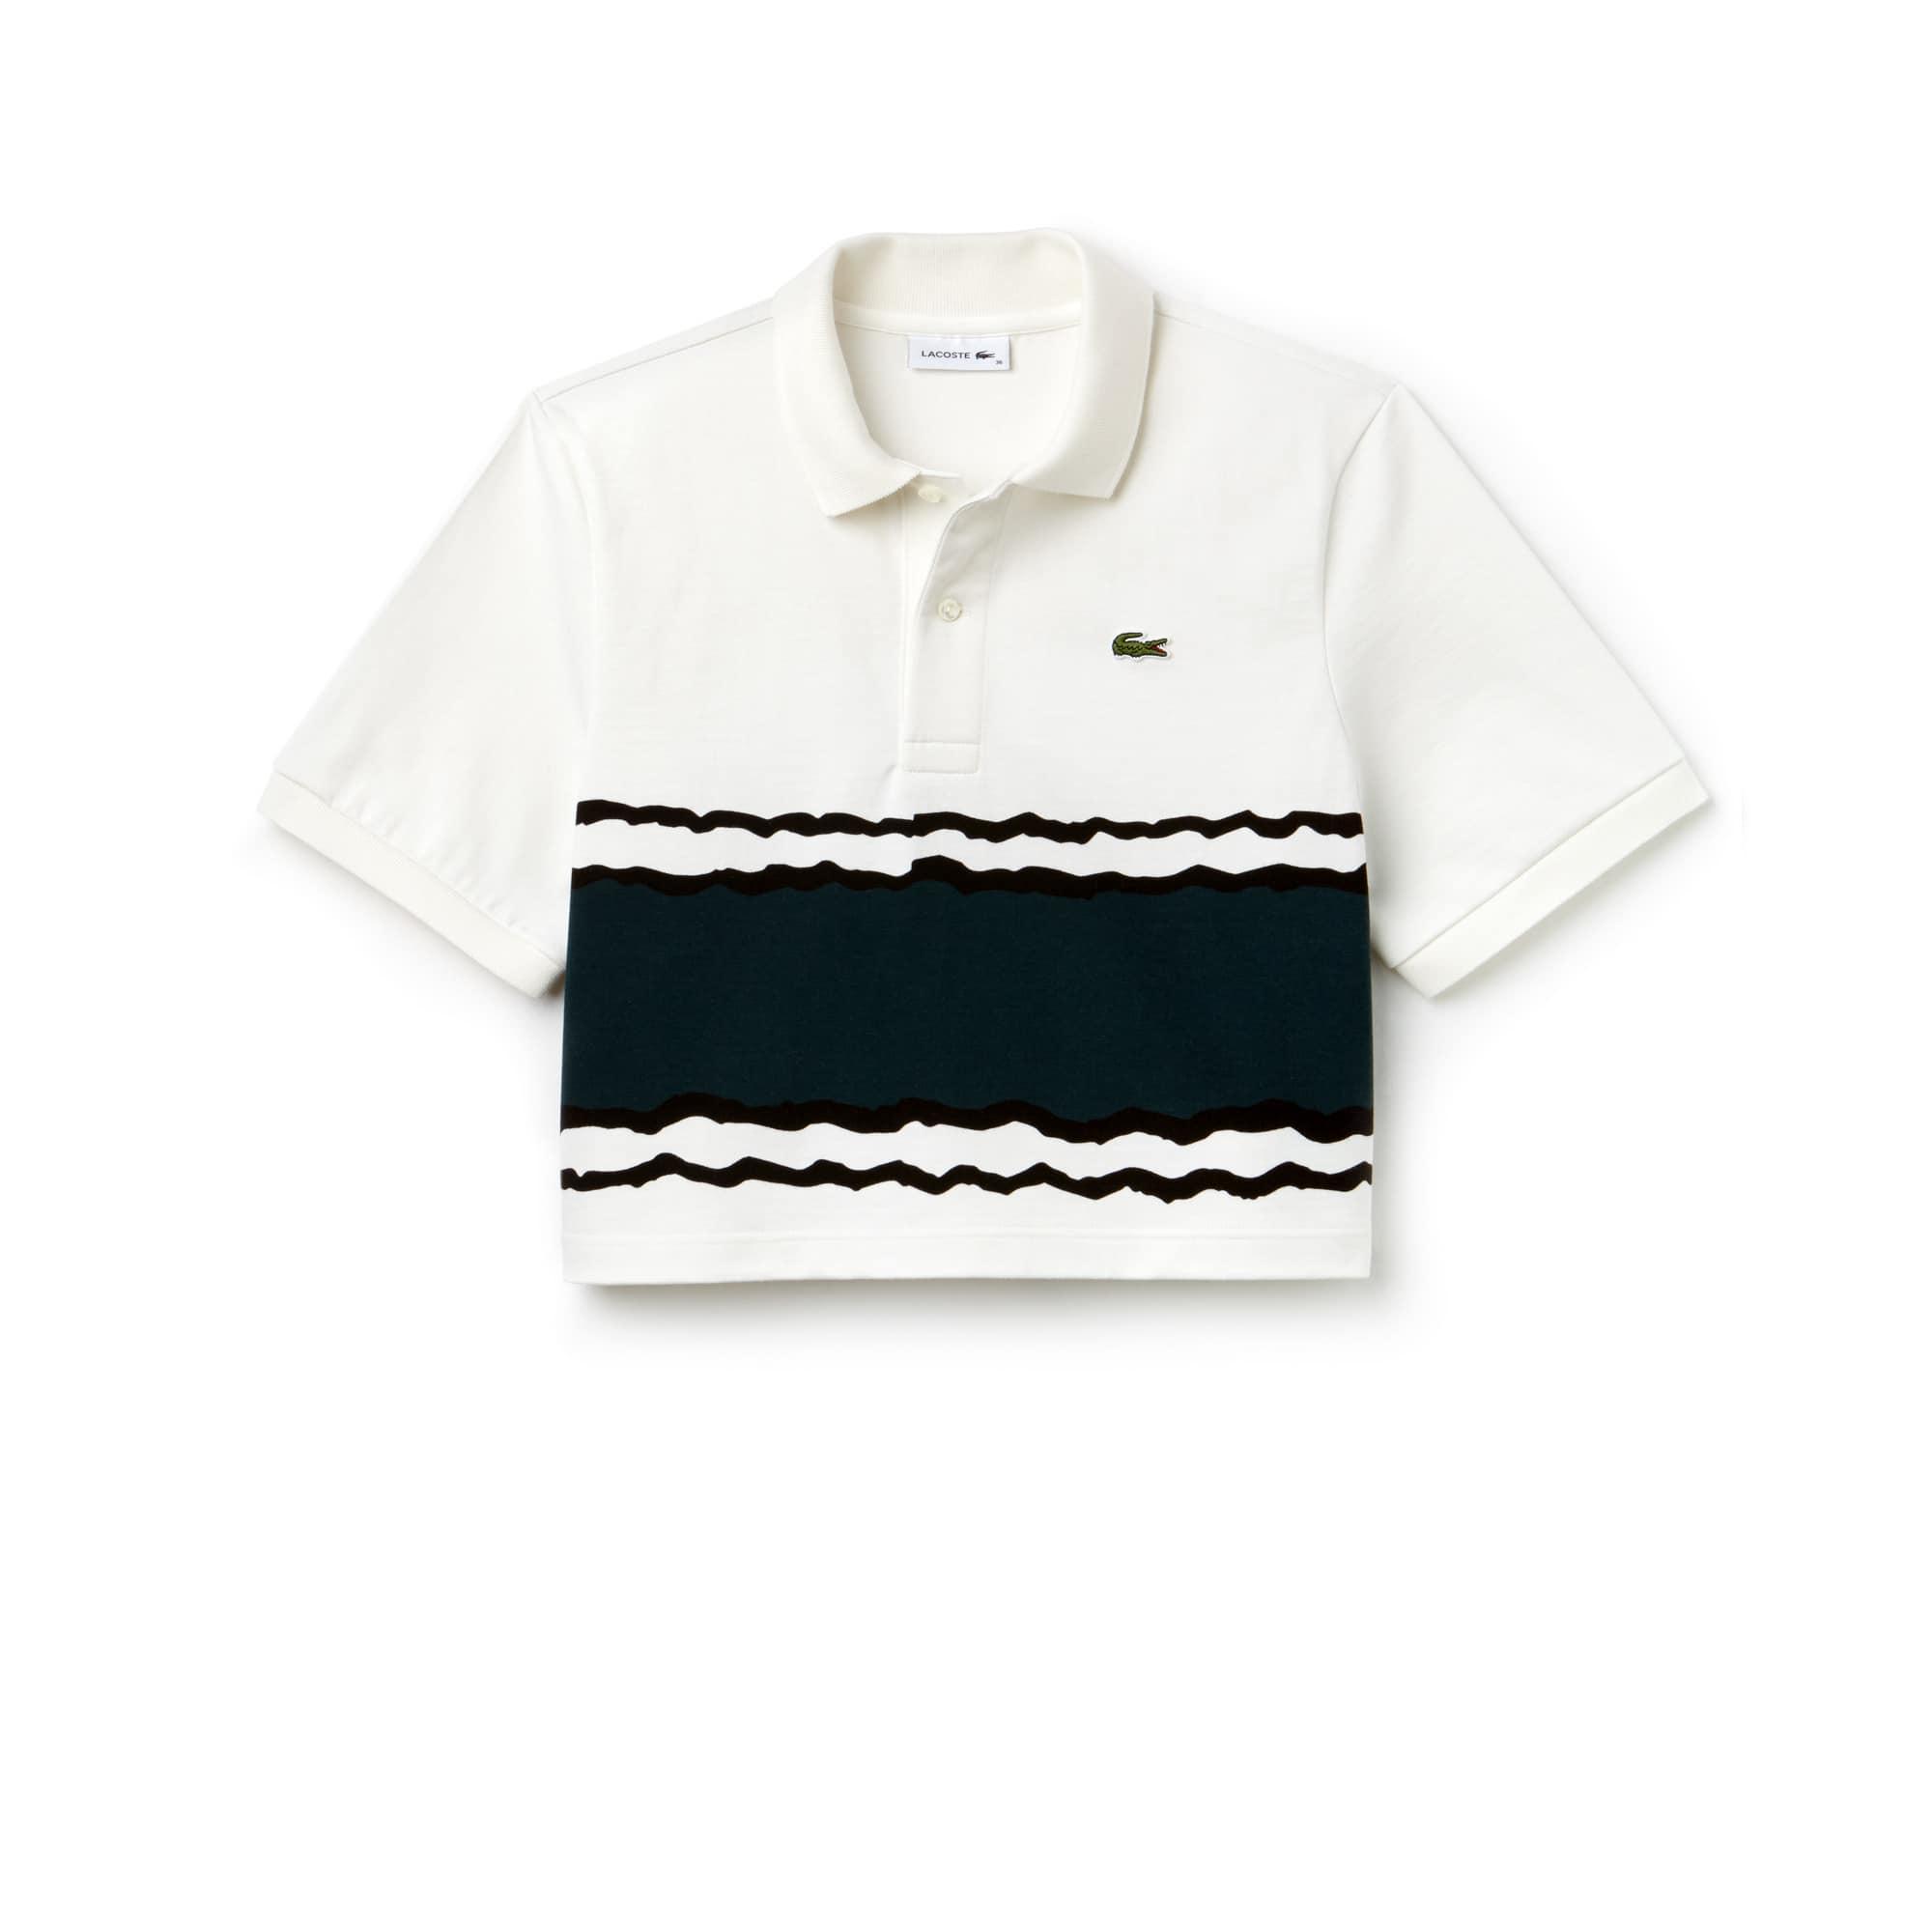 Polo crop fit Lacoste in jersey di cotone a righe Edizione Défilé